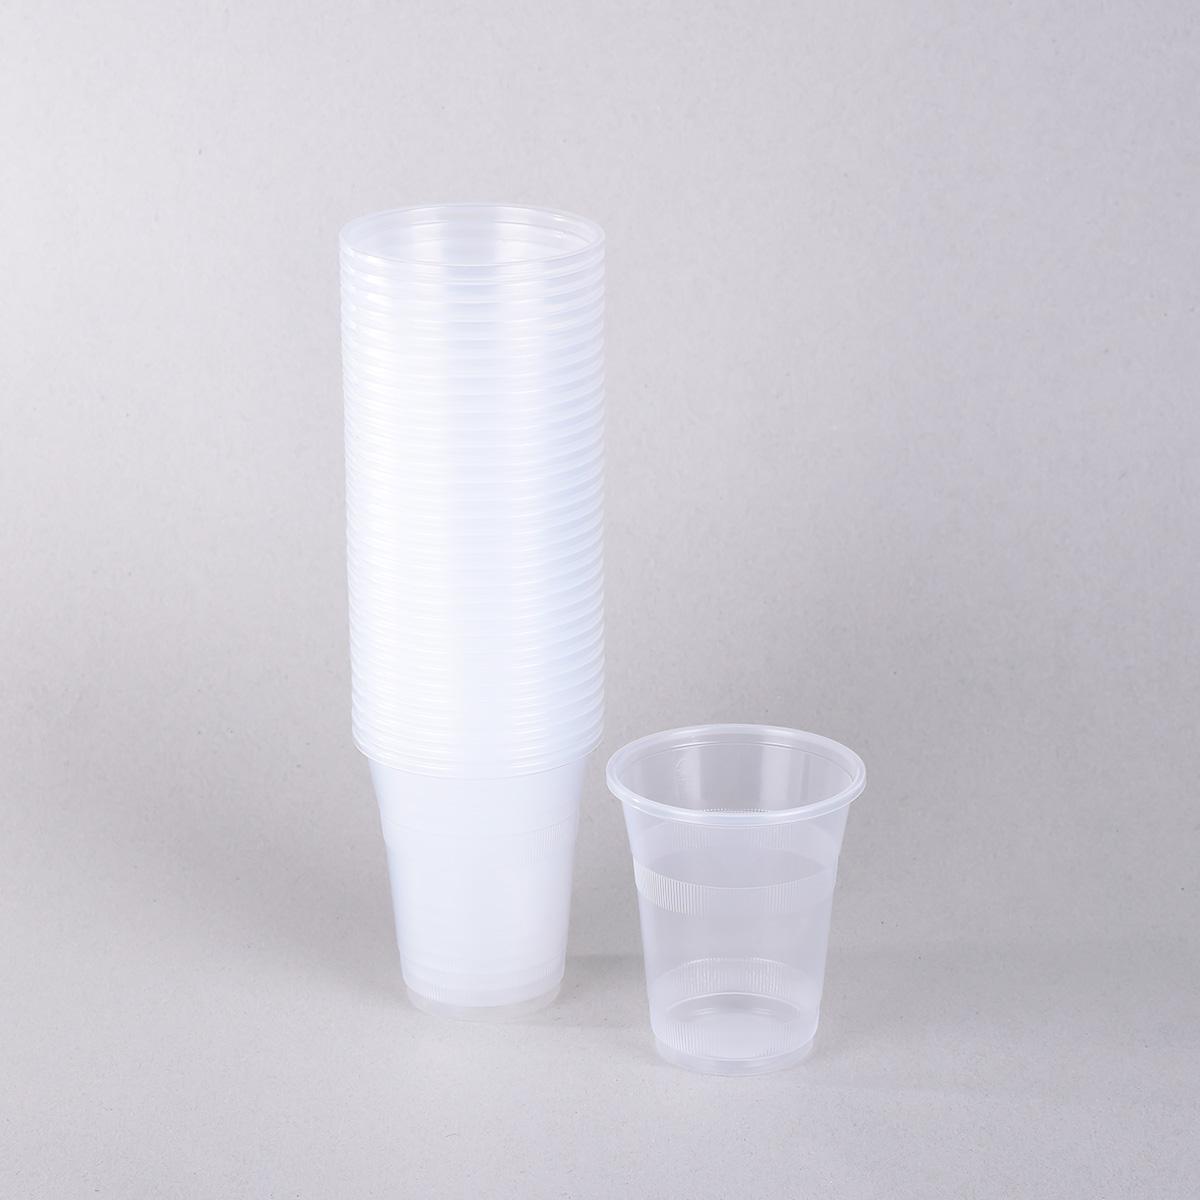 كاسات شفاف بلاستيك ، امارتي ،بغطاء ،من المتحده ،8 اونز ،50حبه